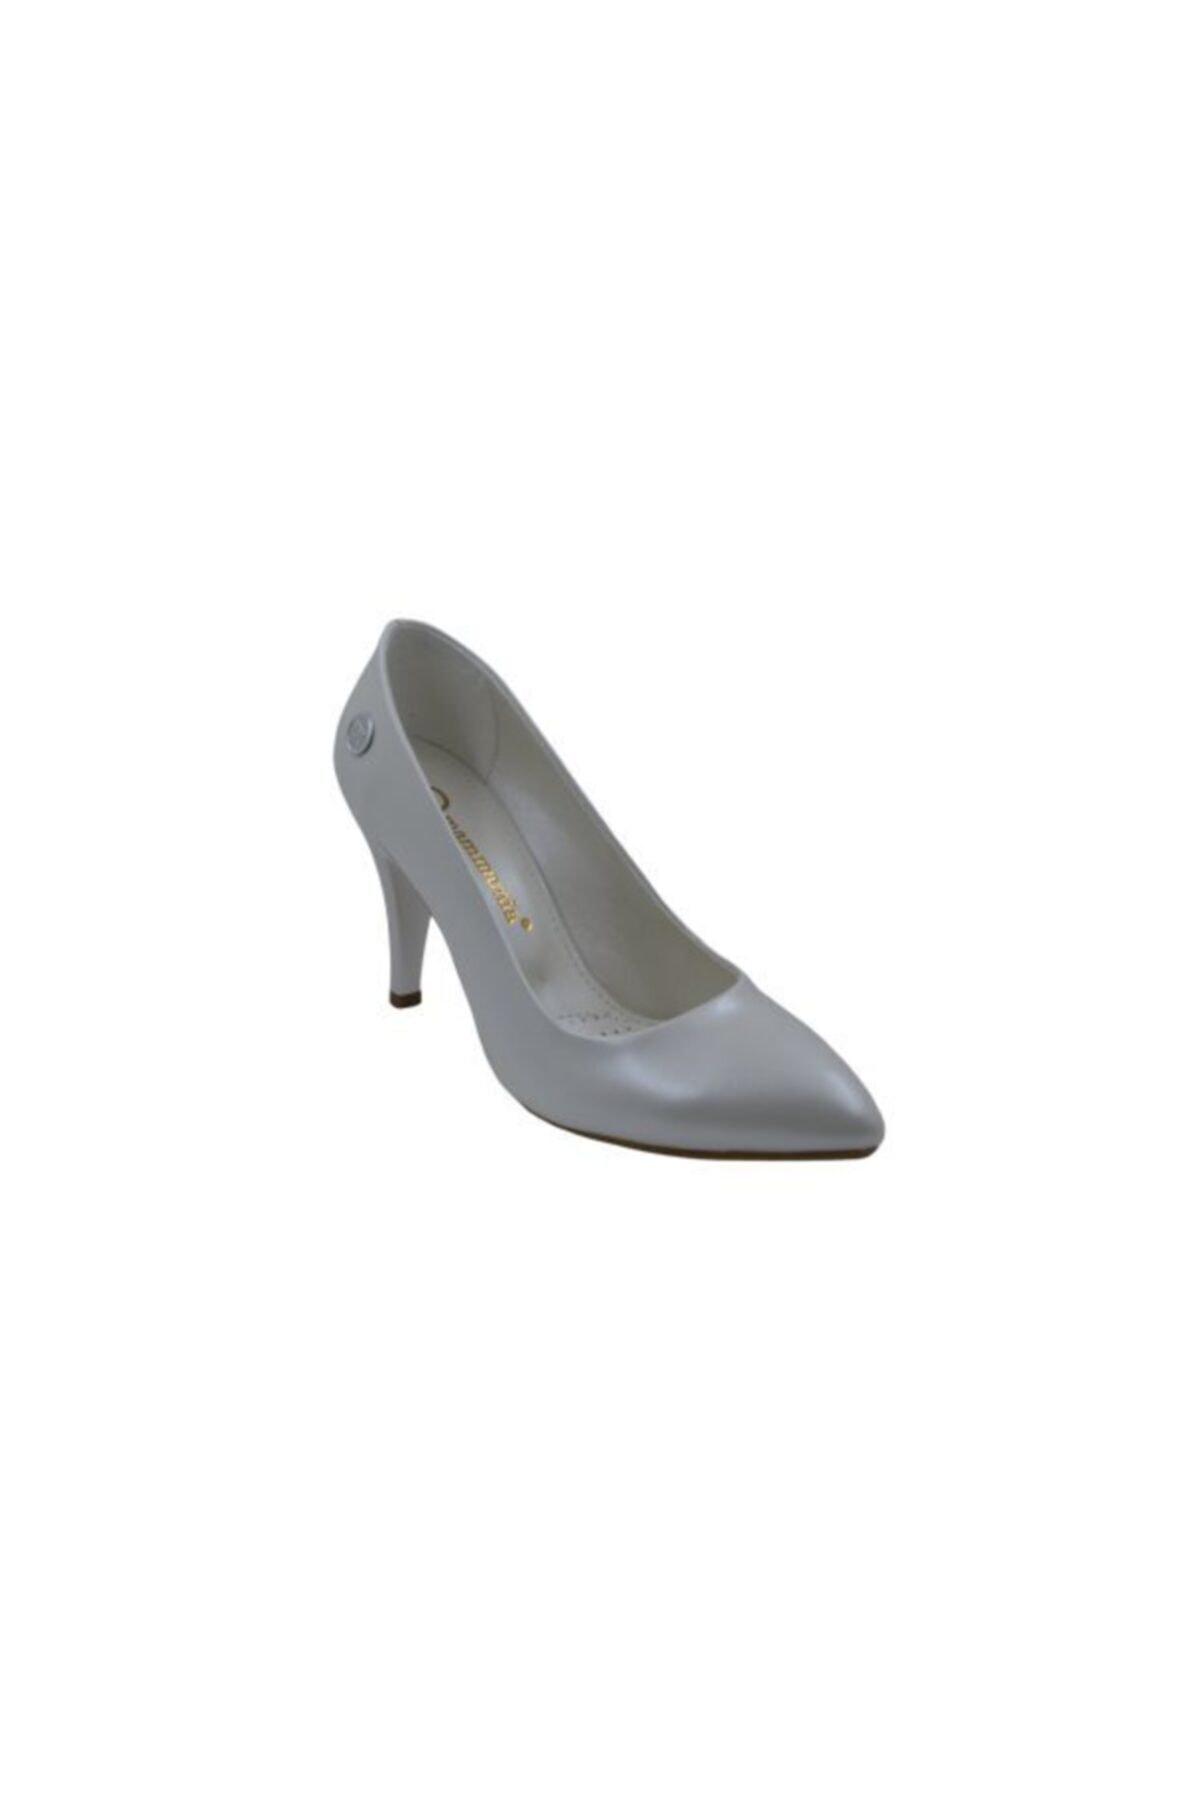 D20ya-3680-e Bayan Topuklu Ayakkabı - - Sedef - 37